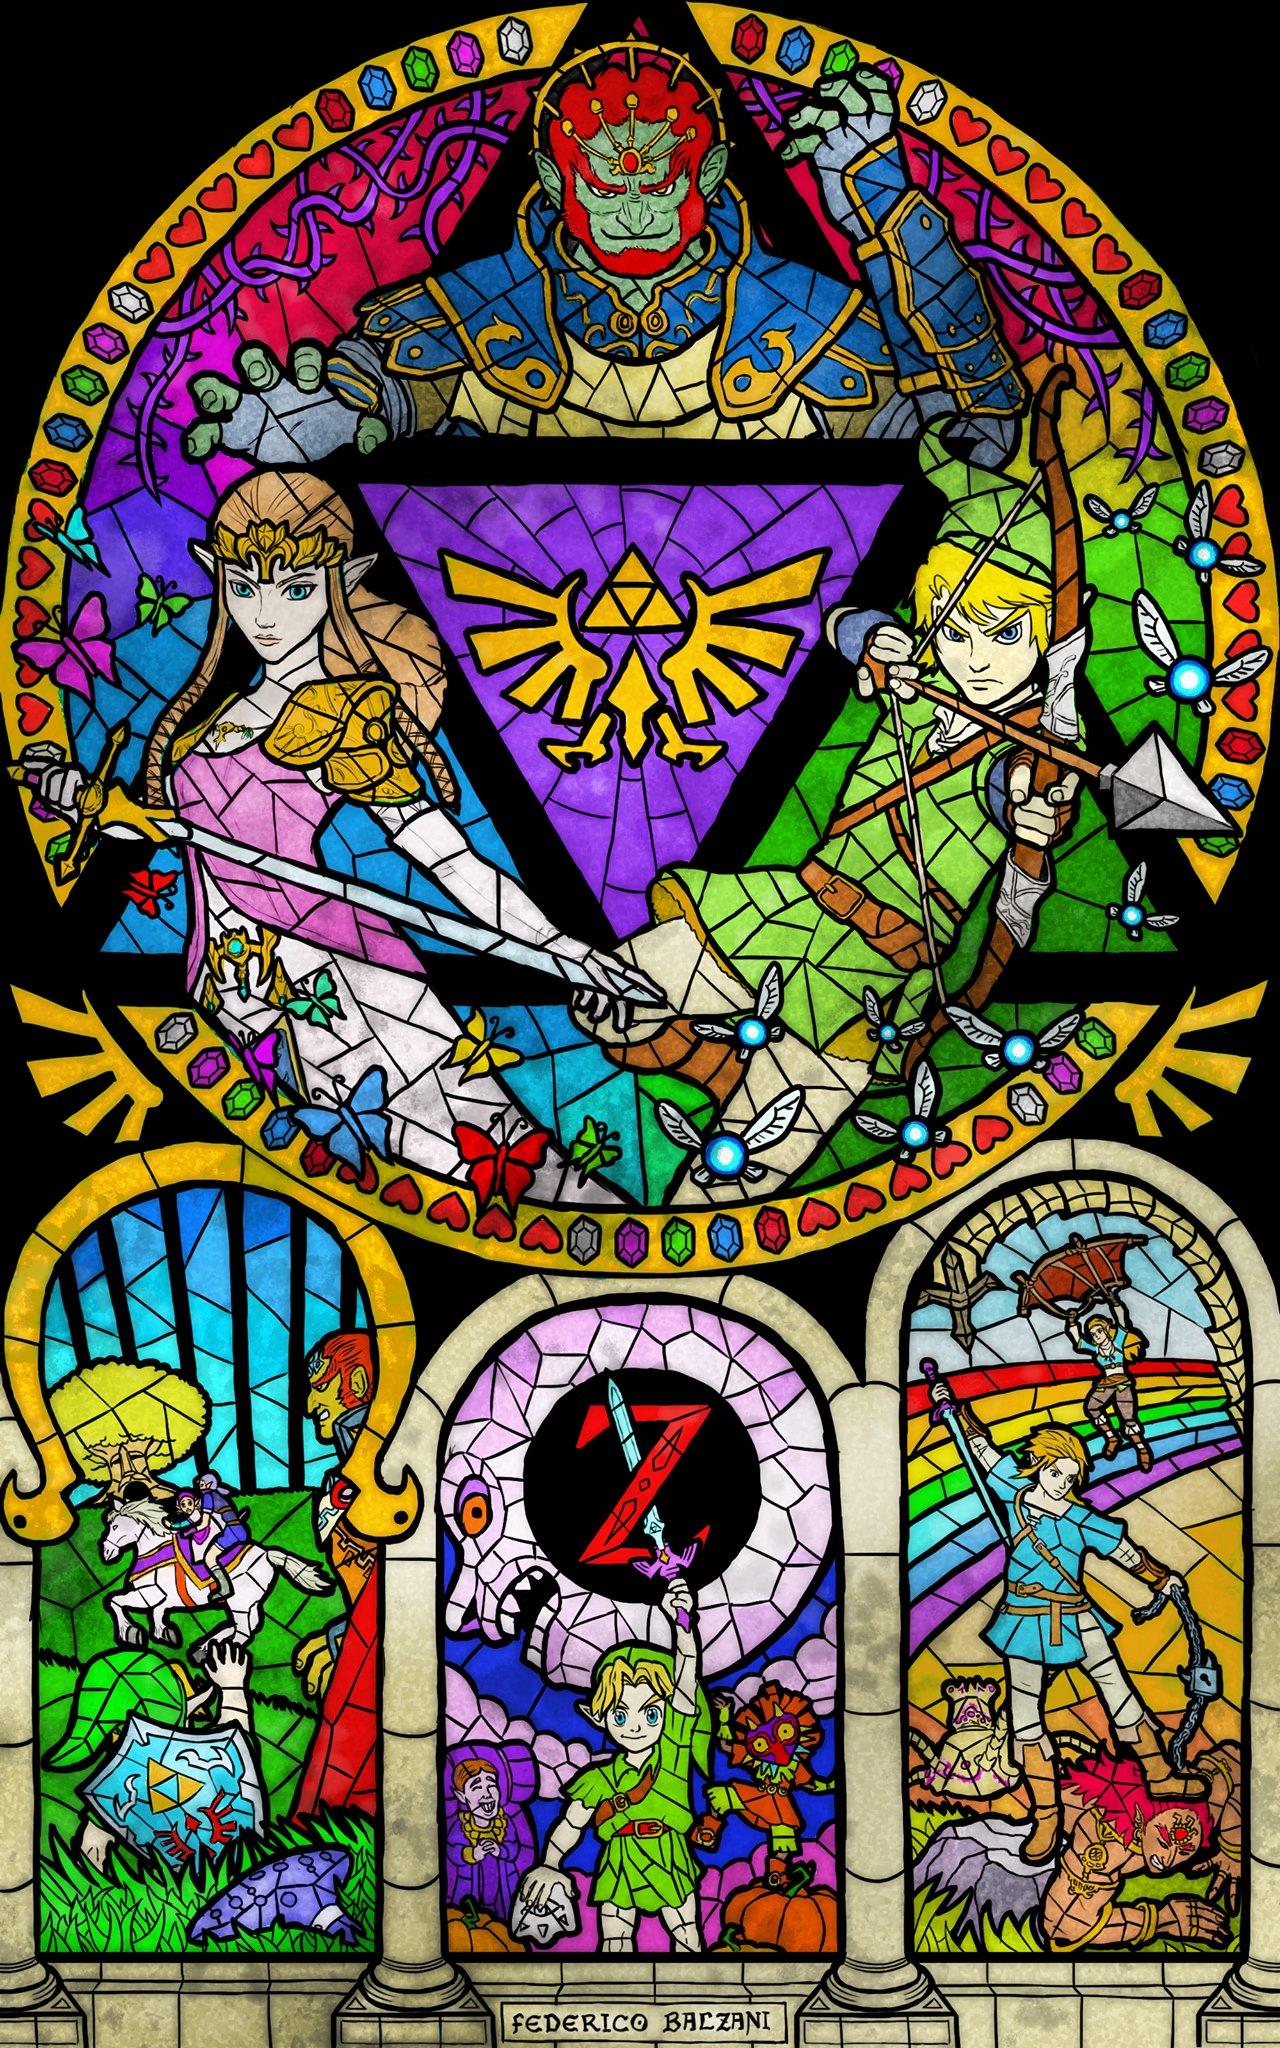 The Legend of Zelda: Skyward Sword - Premio extra: Federico Balzani